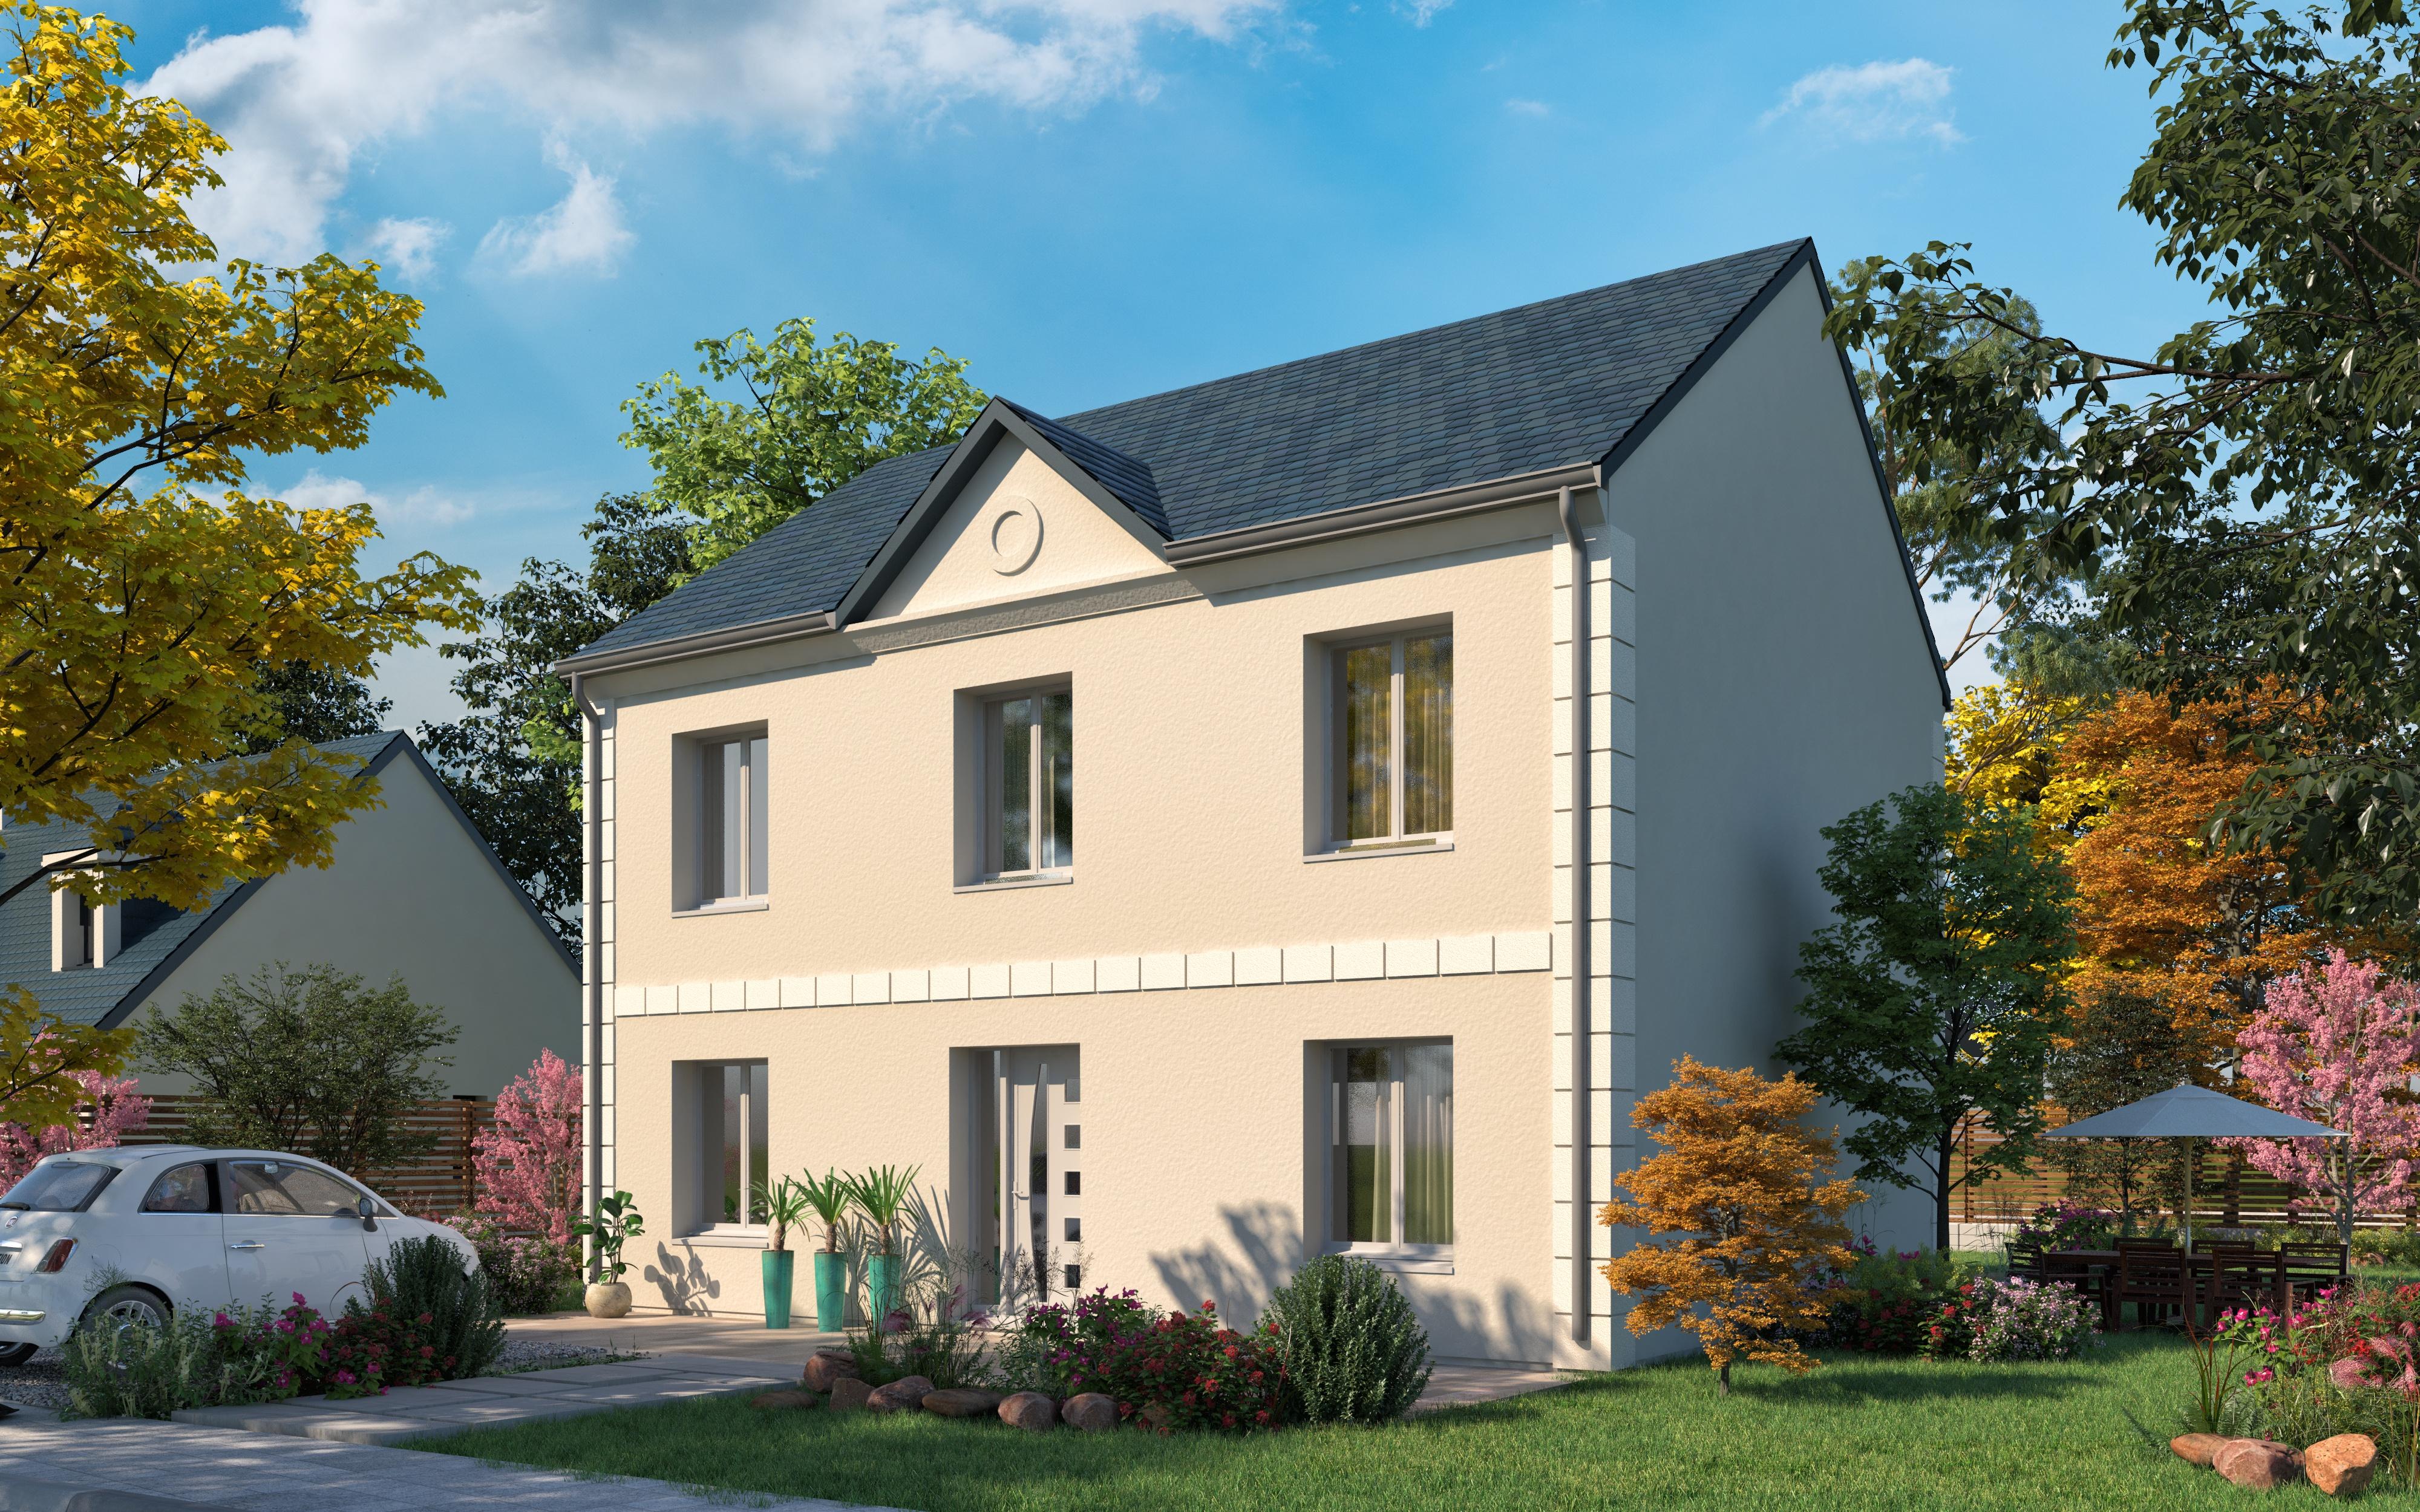 Maisons + Terrains du constructeur LES MAISONS.COM POISSY • 123 m² • LES MUREAUX